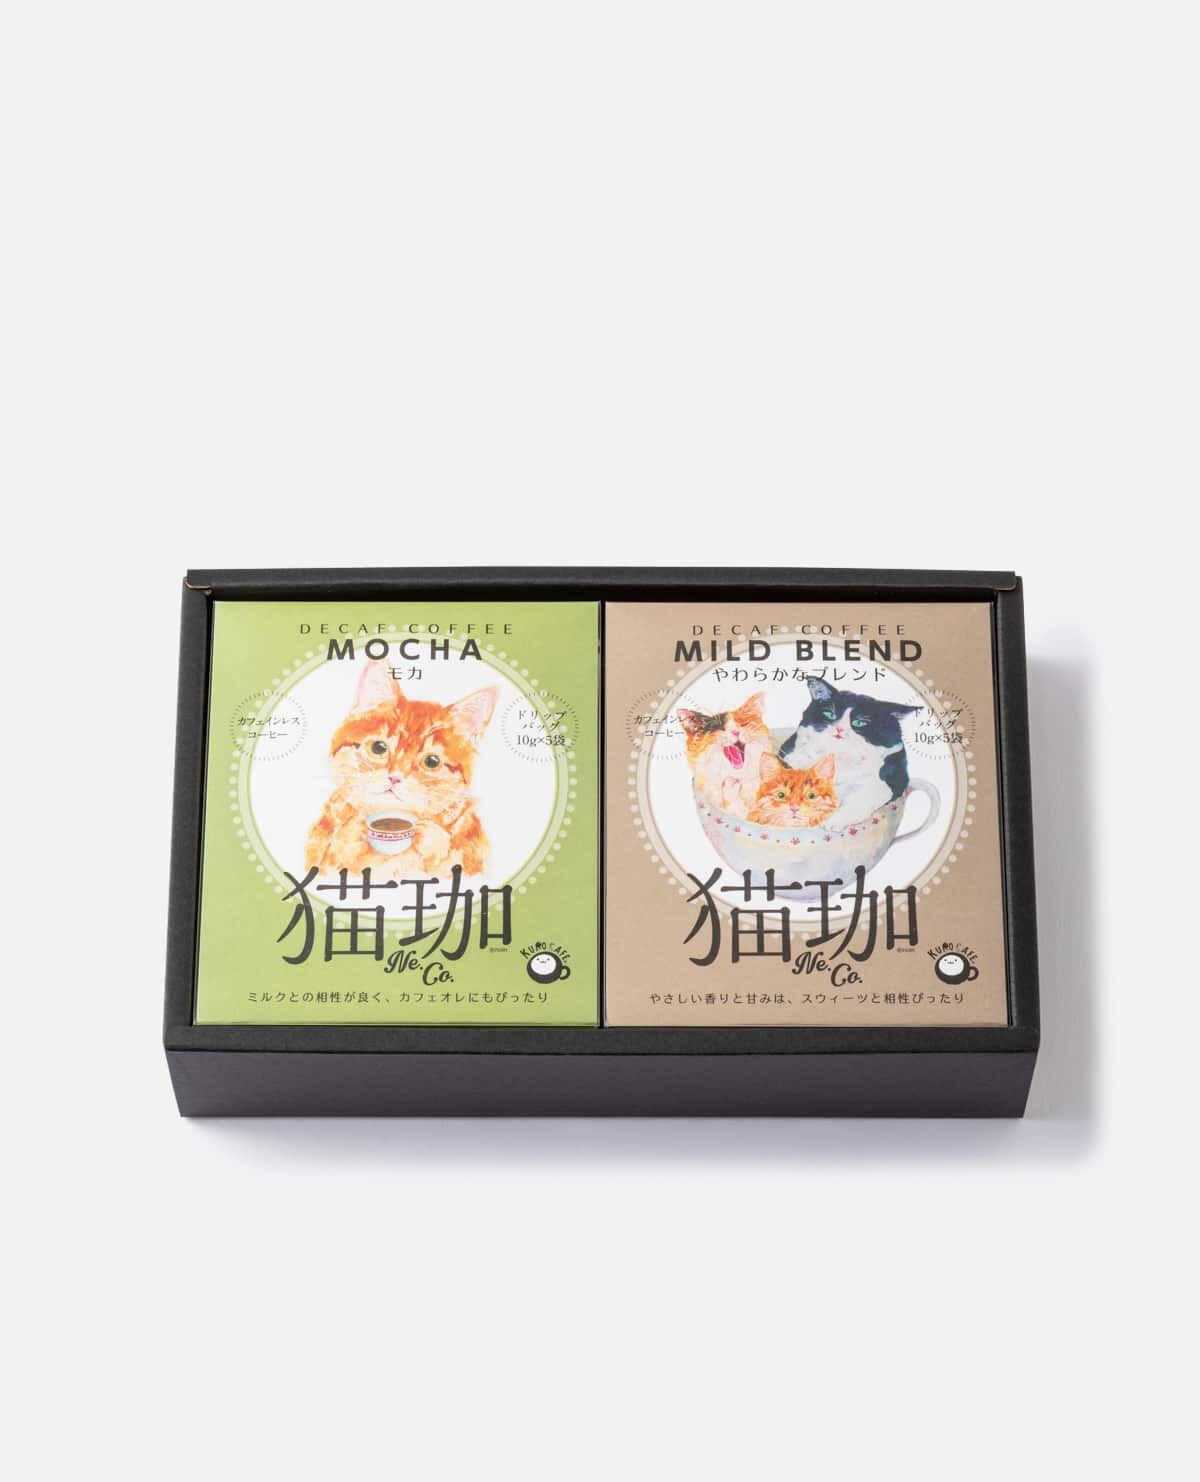 デカフェ猫珈2個セット モカ・マイルドブレンド